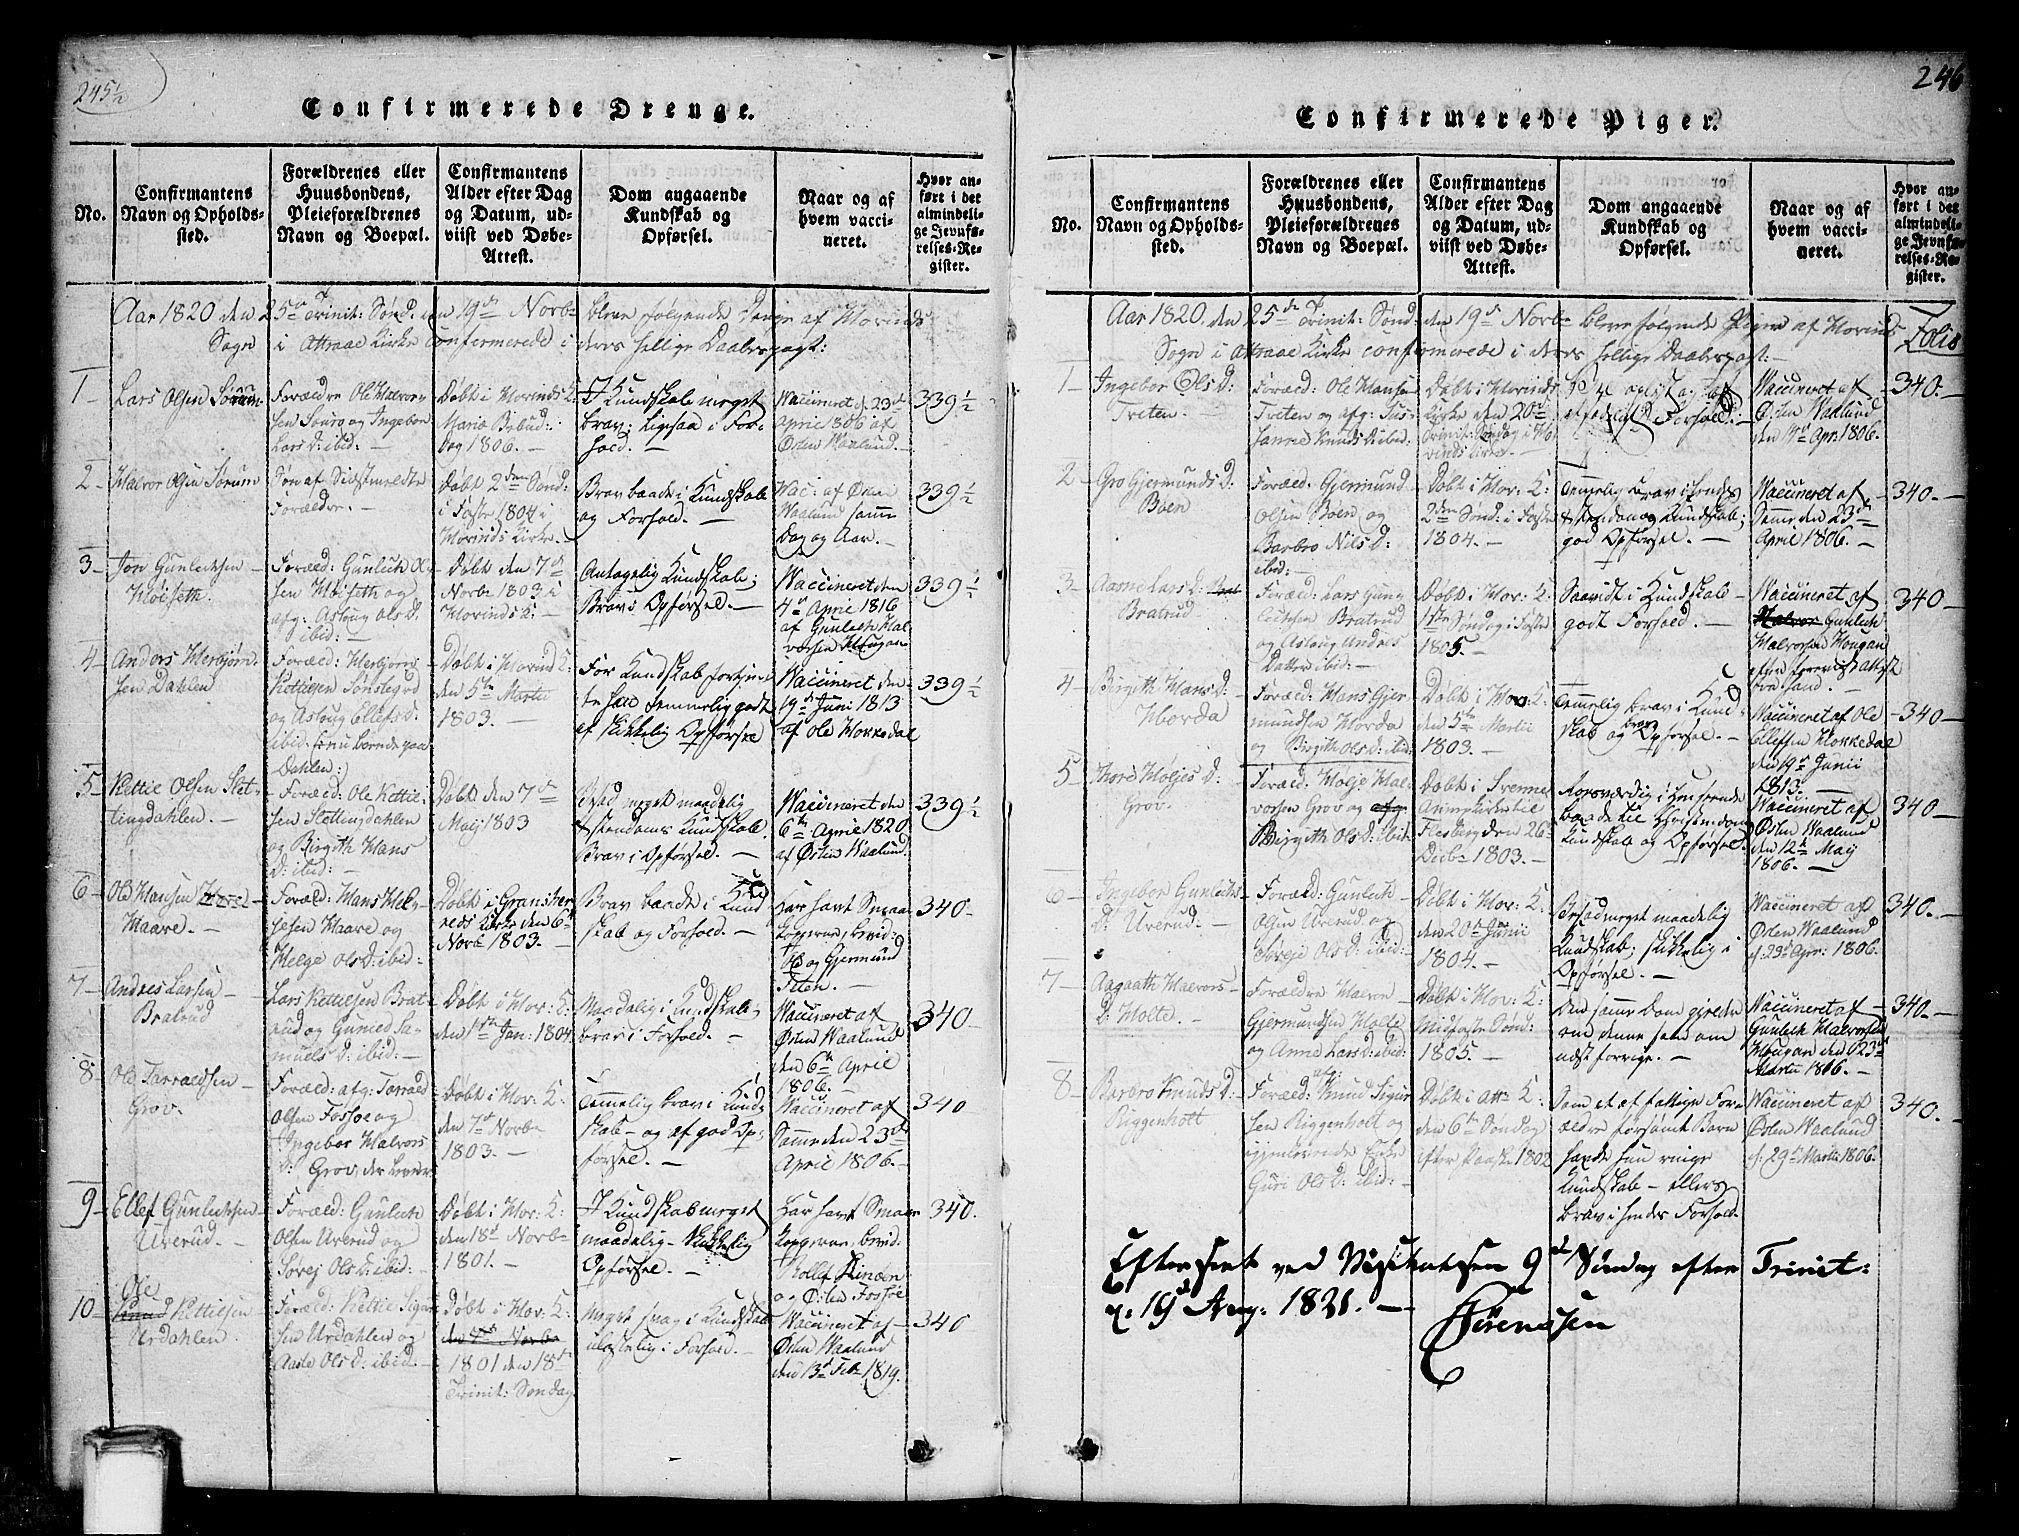 SAKO, Gransherad kirkebøker, G/Gb/L0001: Klokkerbok nr. II 1, 1815-1860, s. 246